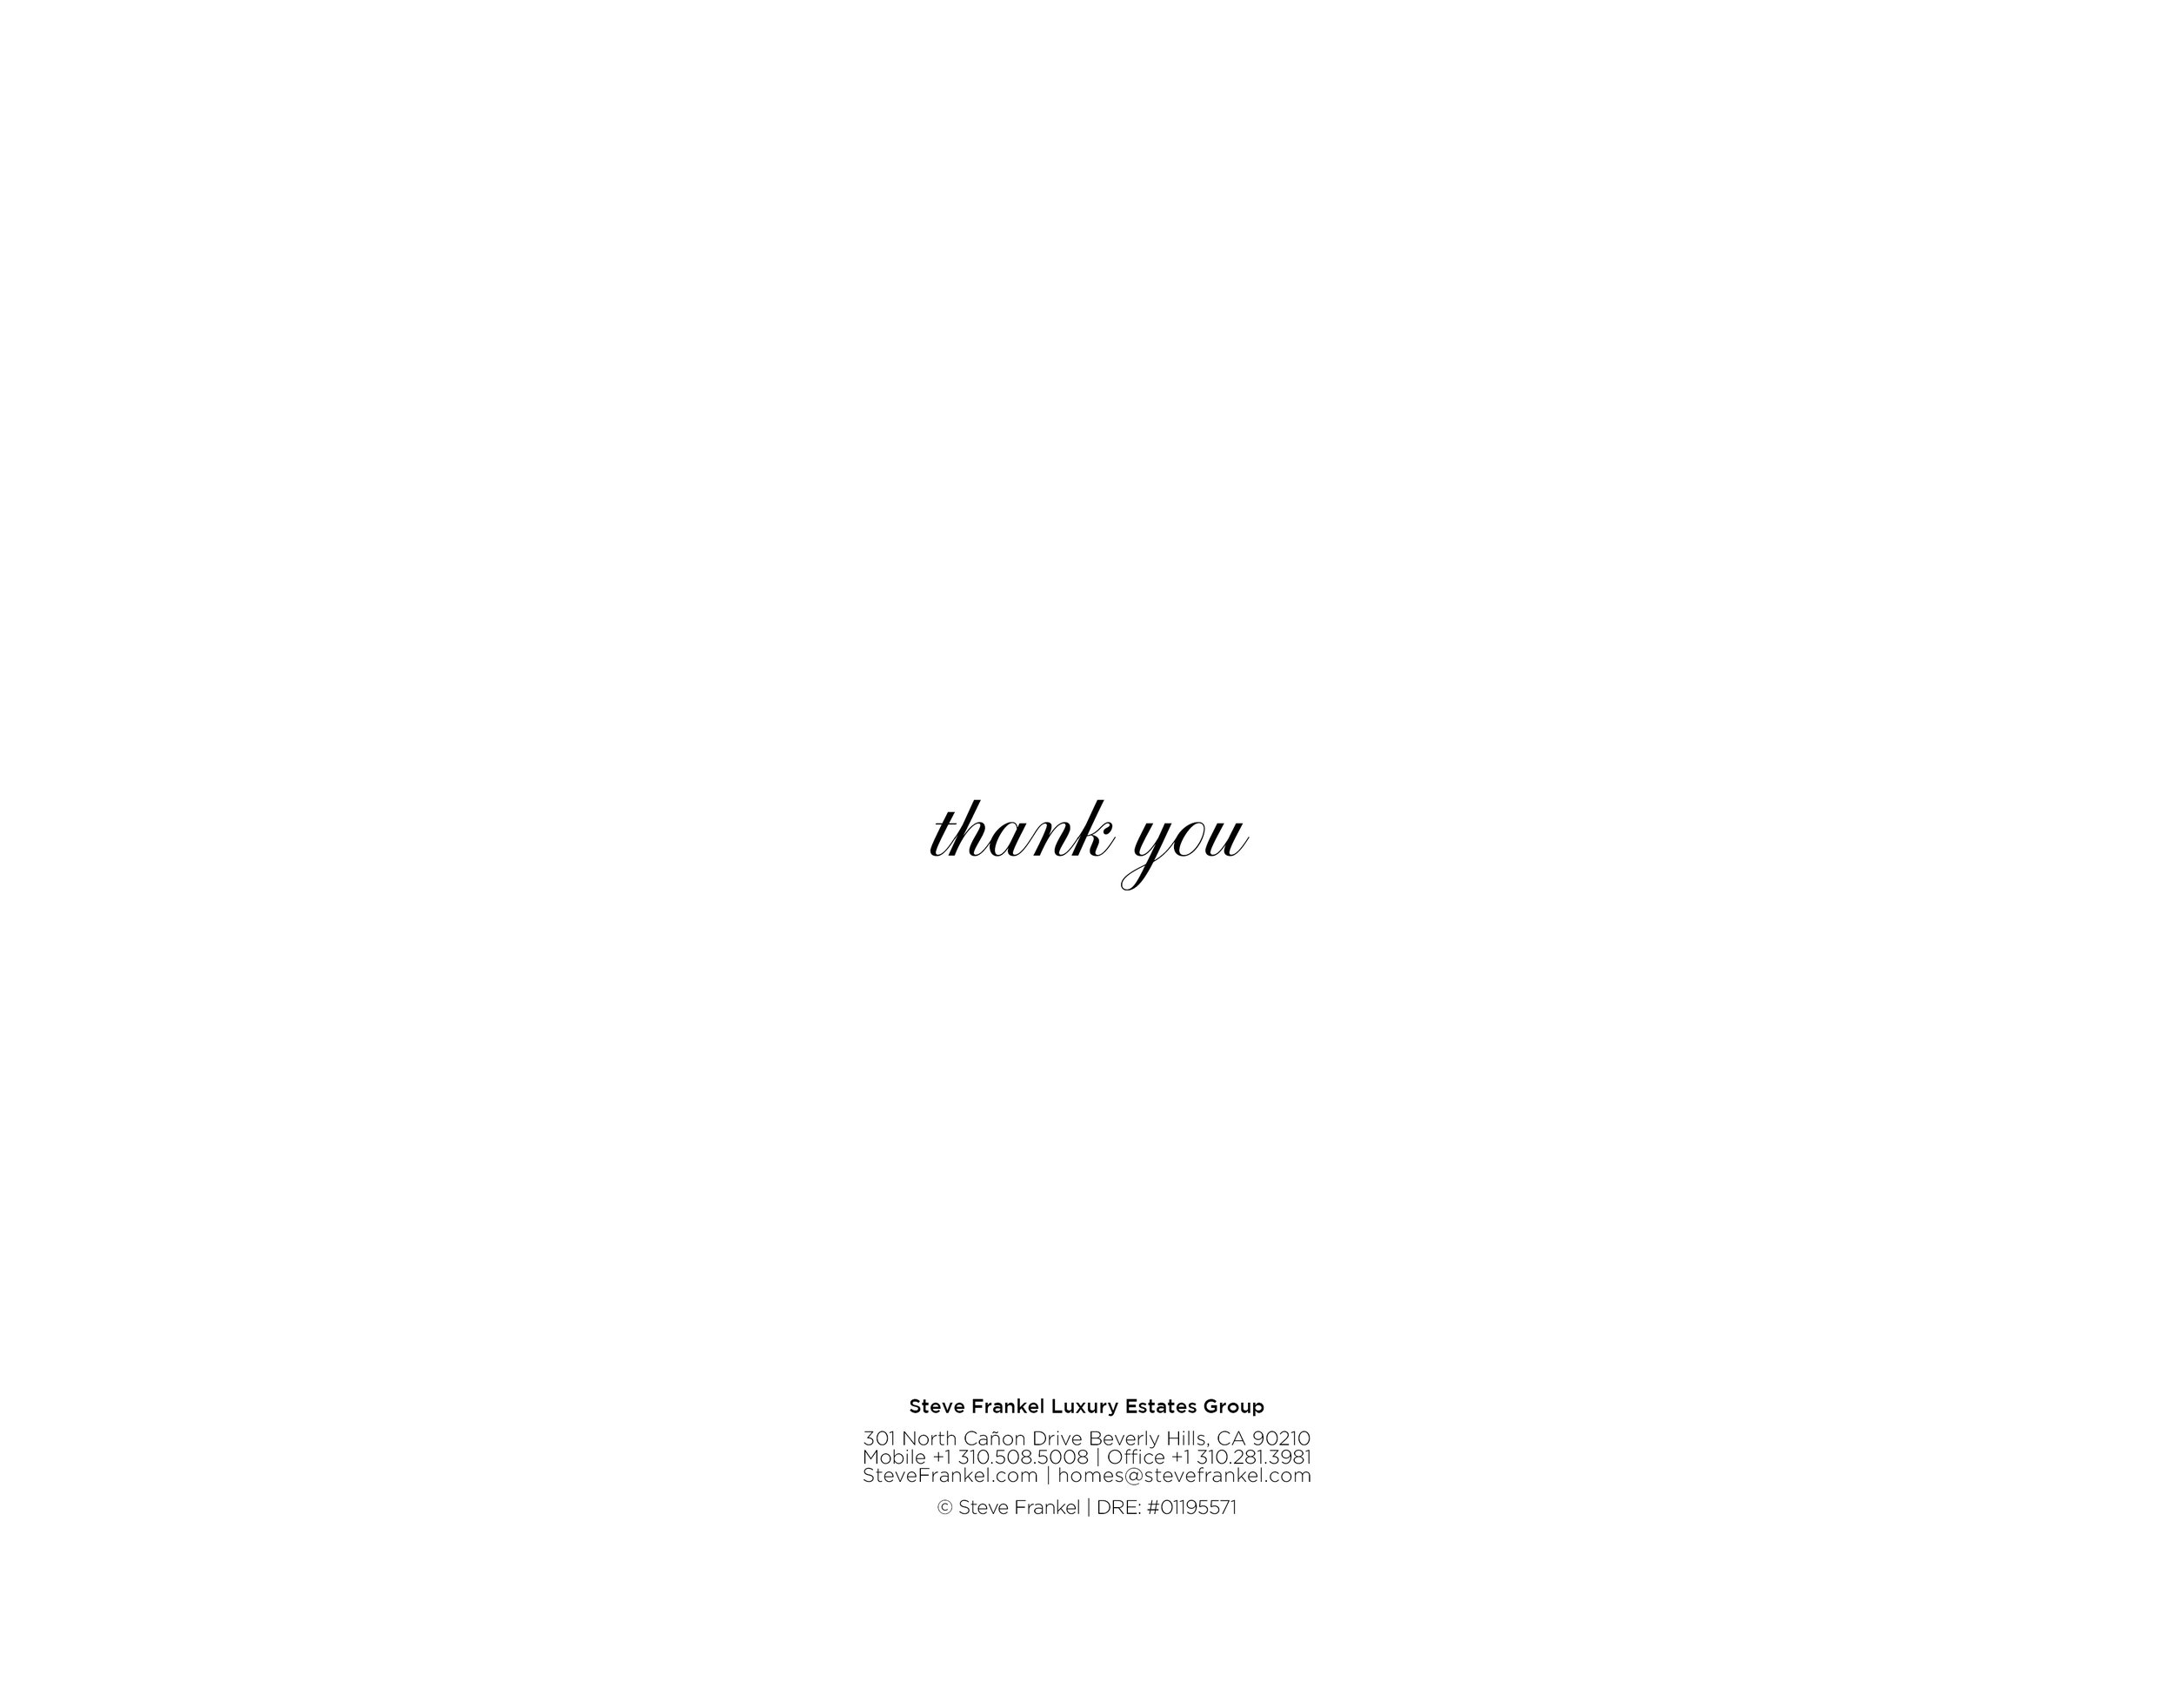 SteveFrankel_PresentationBook14x11_071719_Tablet88.jpg